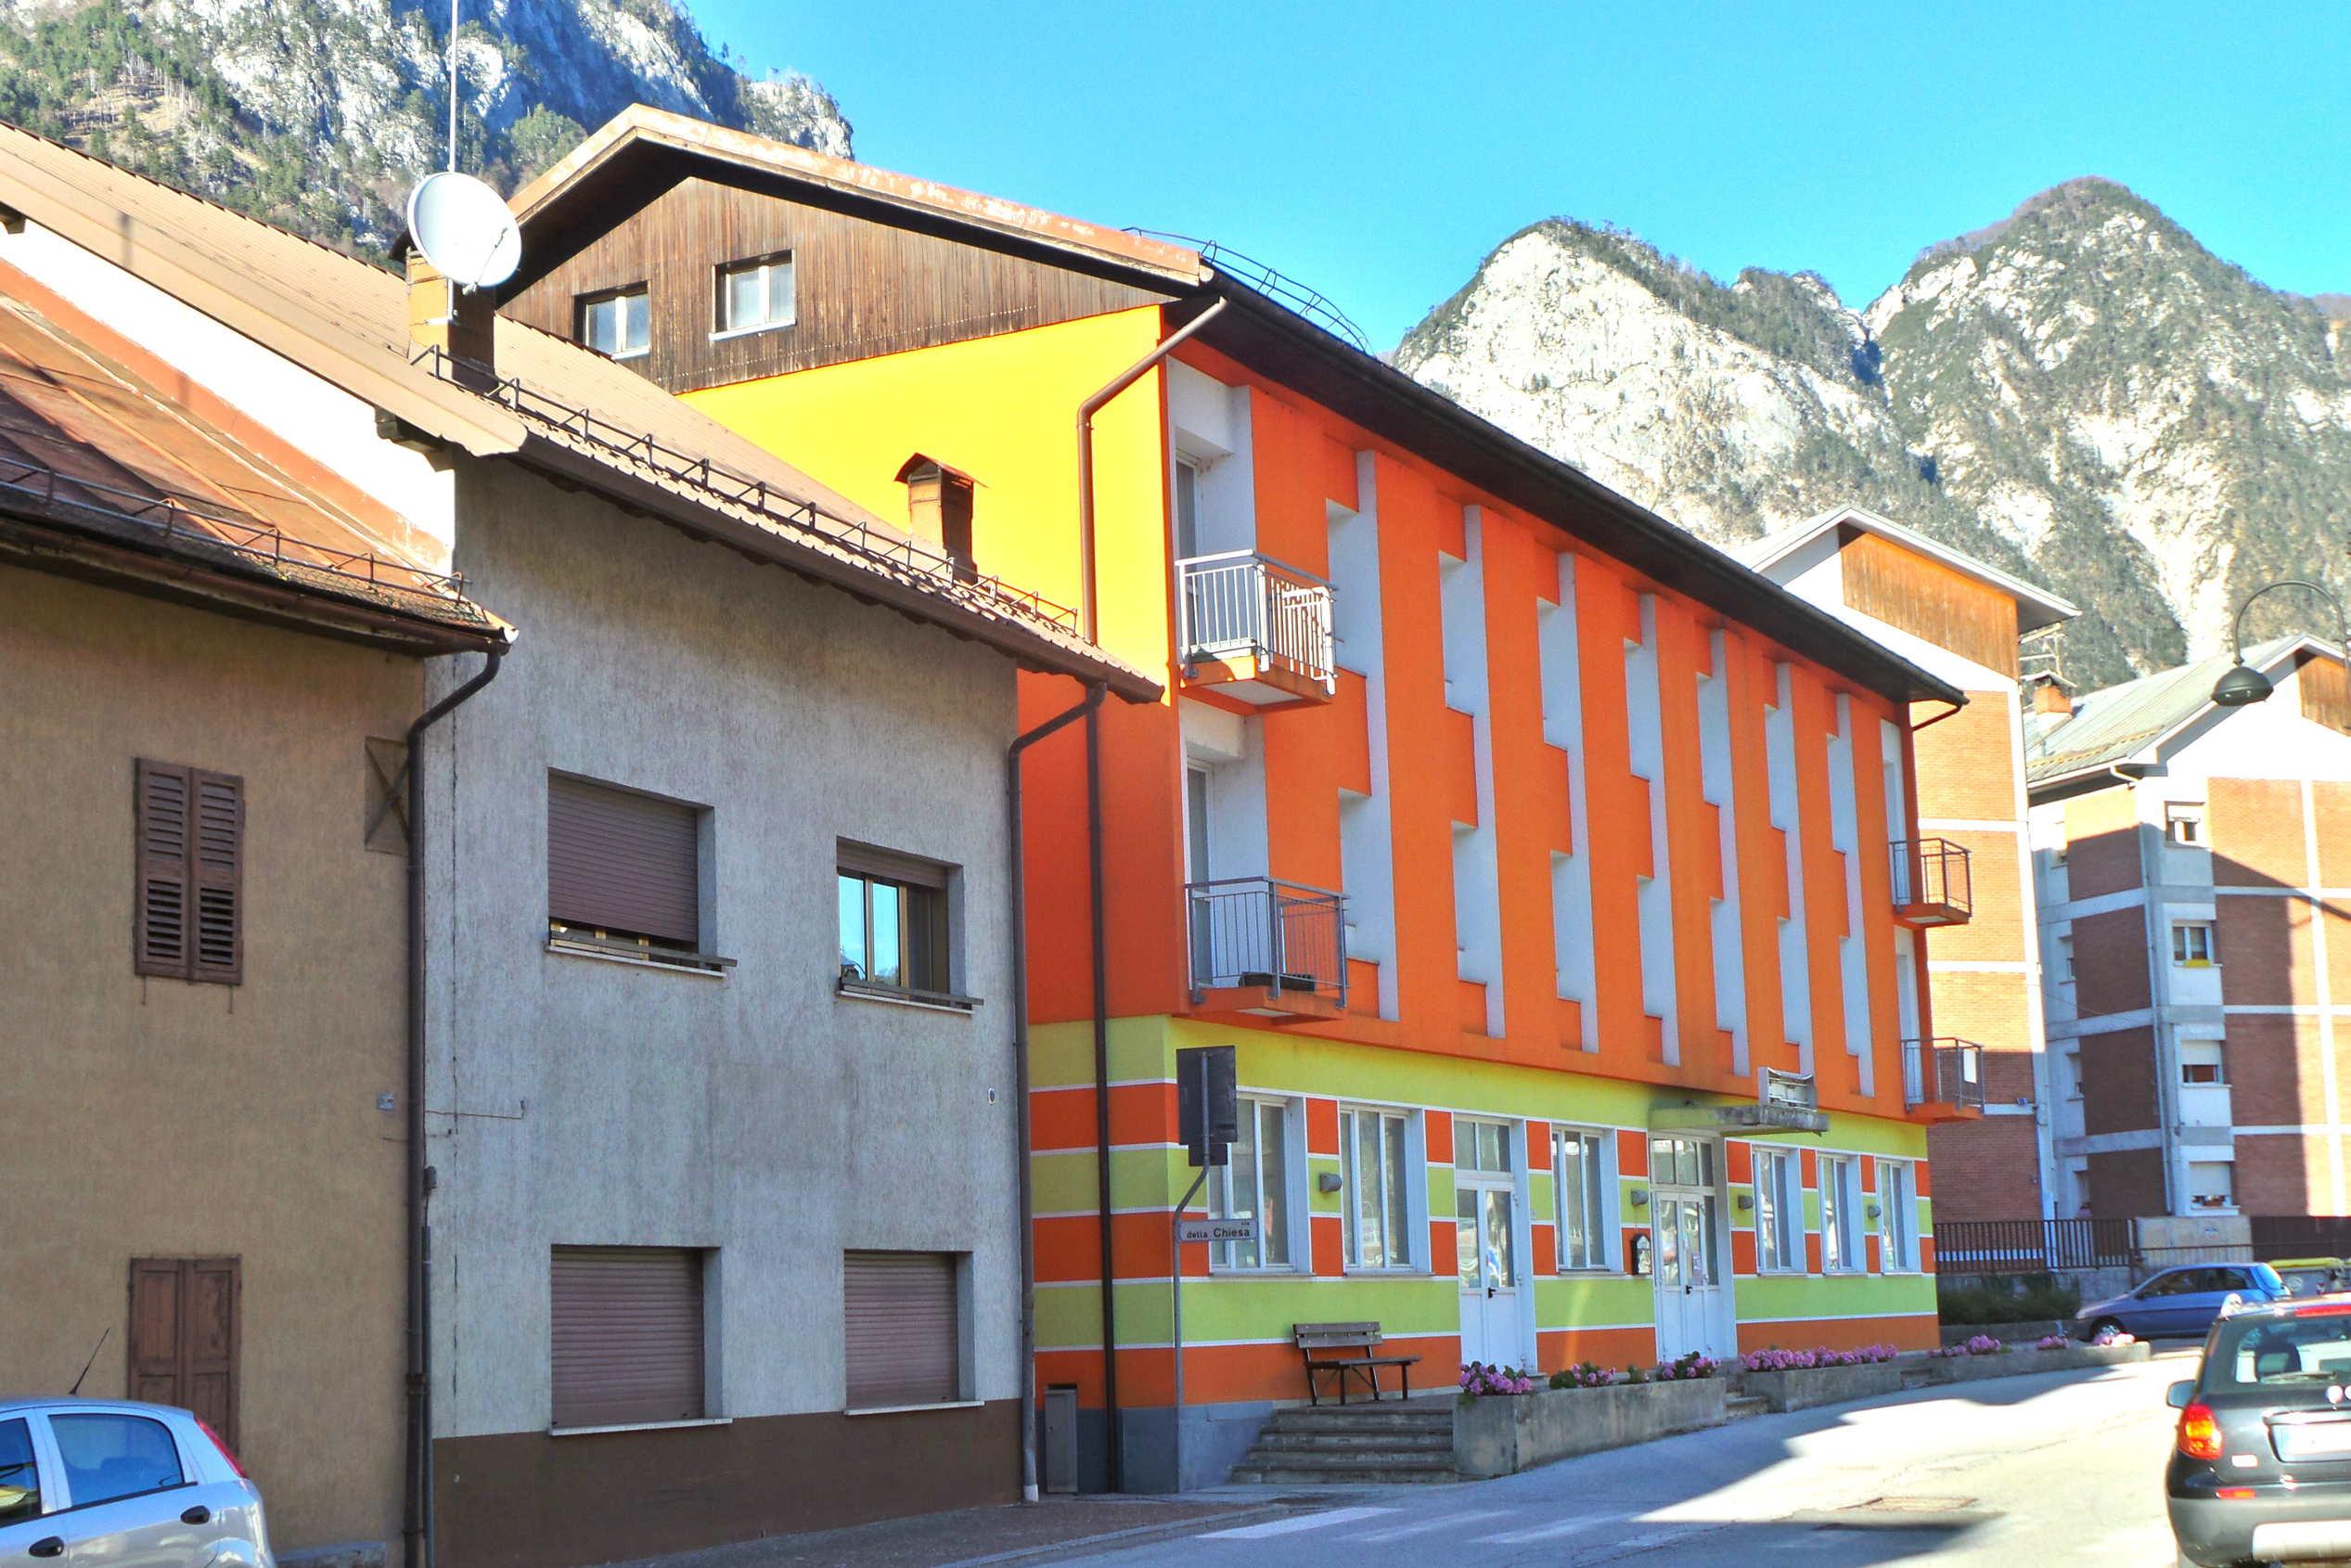 Hotel di categoria 3 stelle ubicato a Pontebba – SI VALUTA OFFERTA entro il 31/10/20019